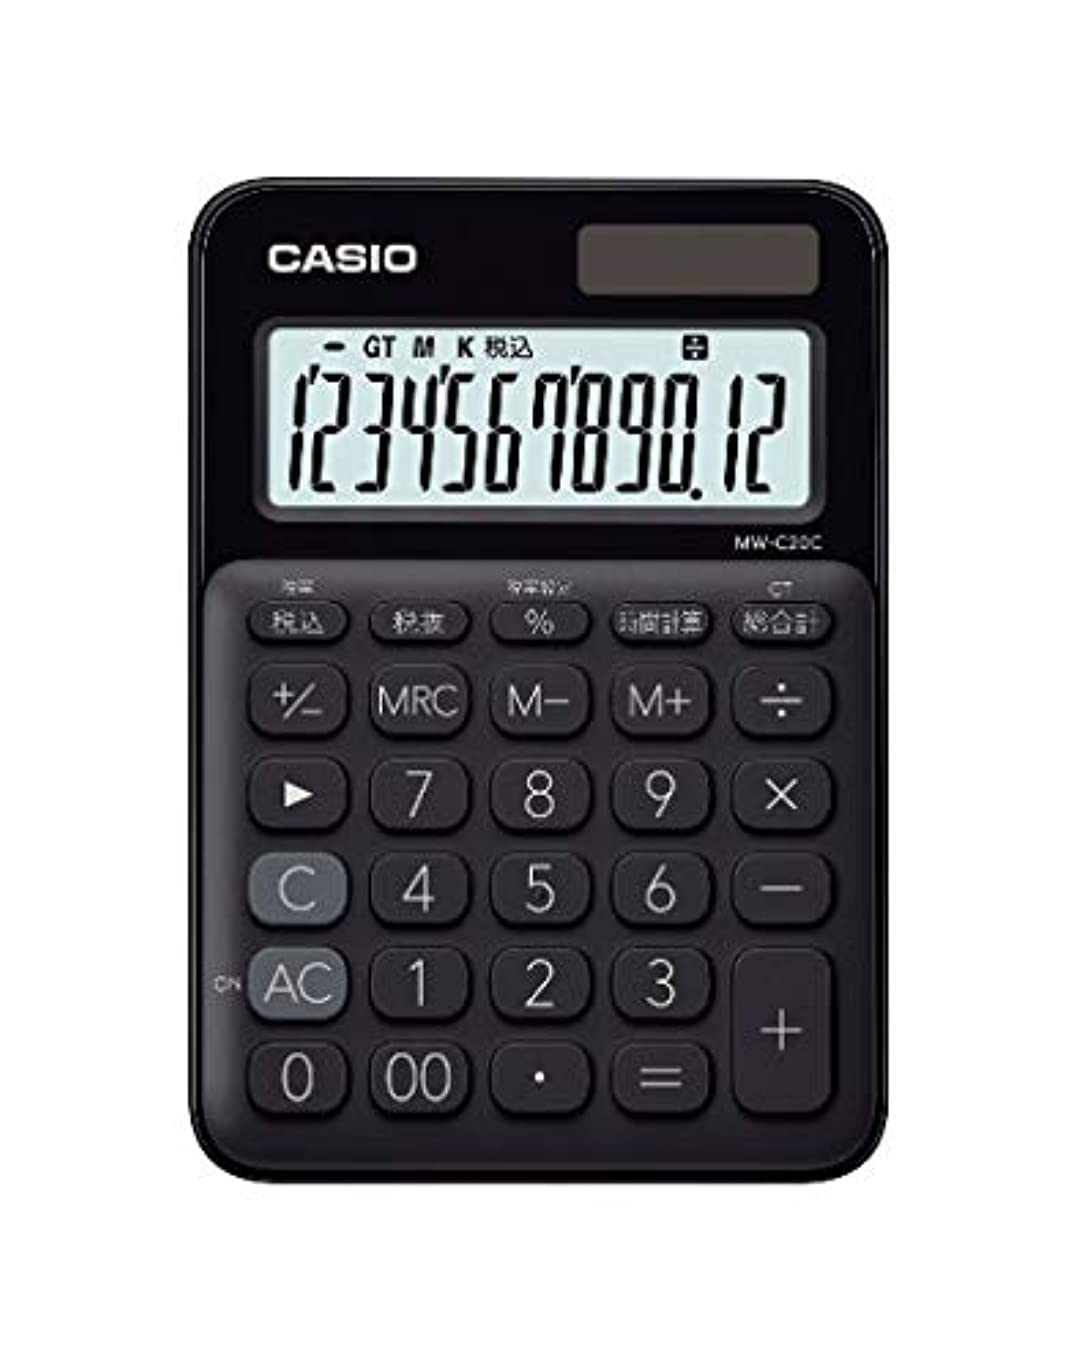 体操選手絶縁する妥協カシオ(CASIO) カラフル電卓 MW-C20C-BK-N ブラック